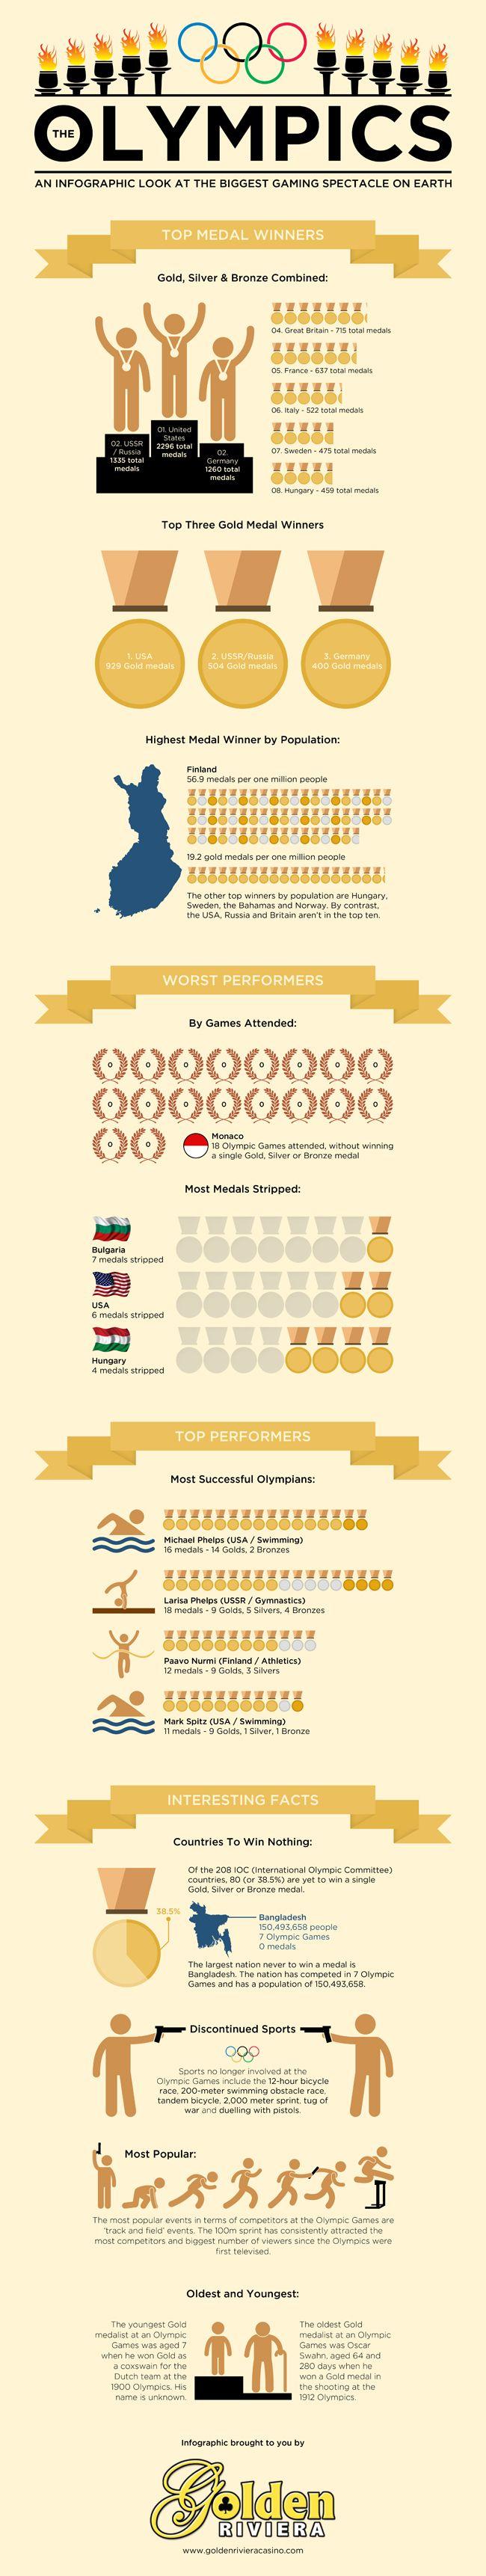 2012 Olympics Infographic